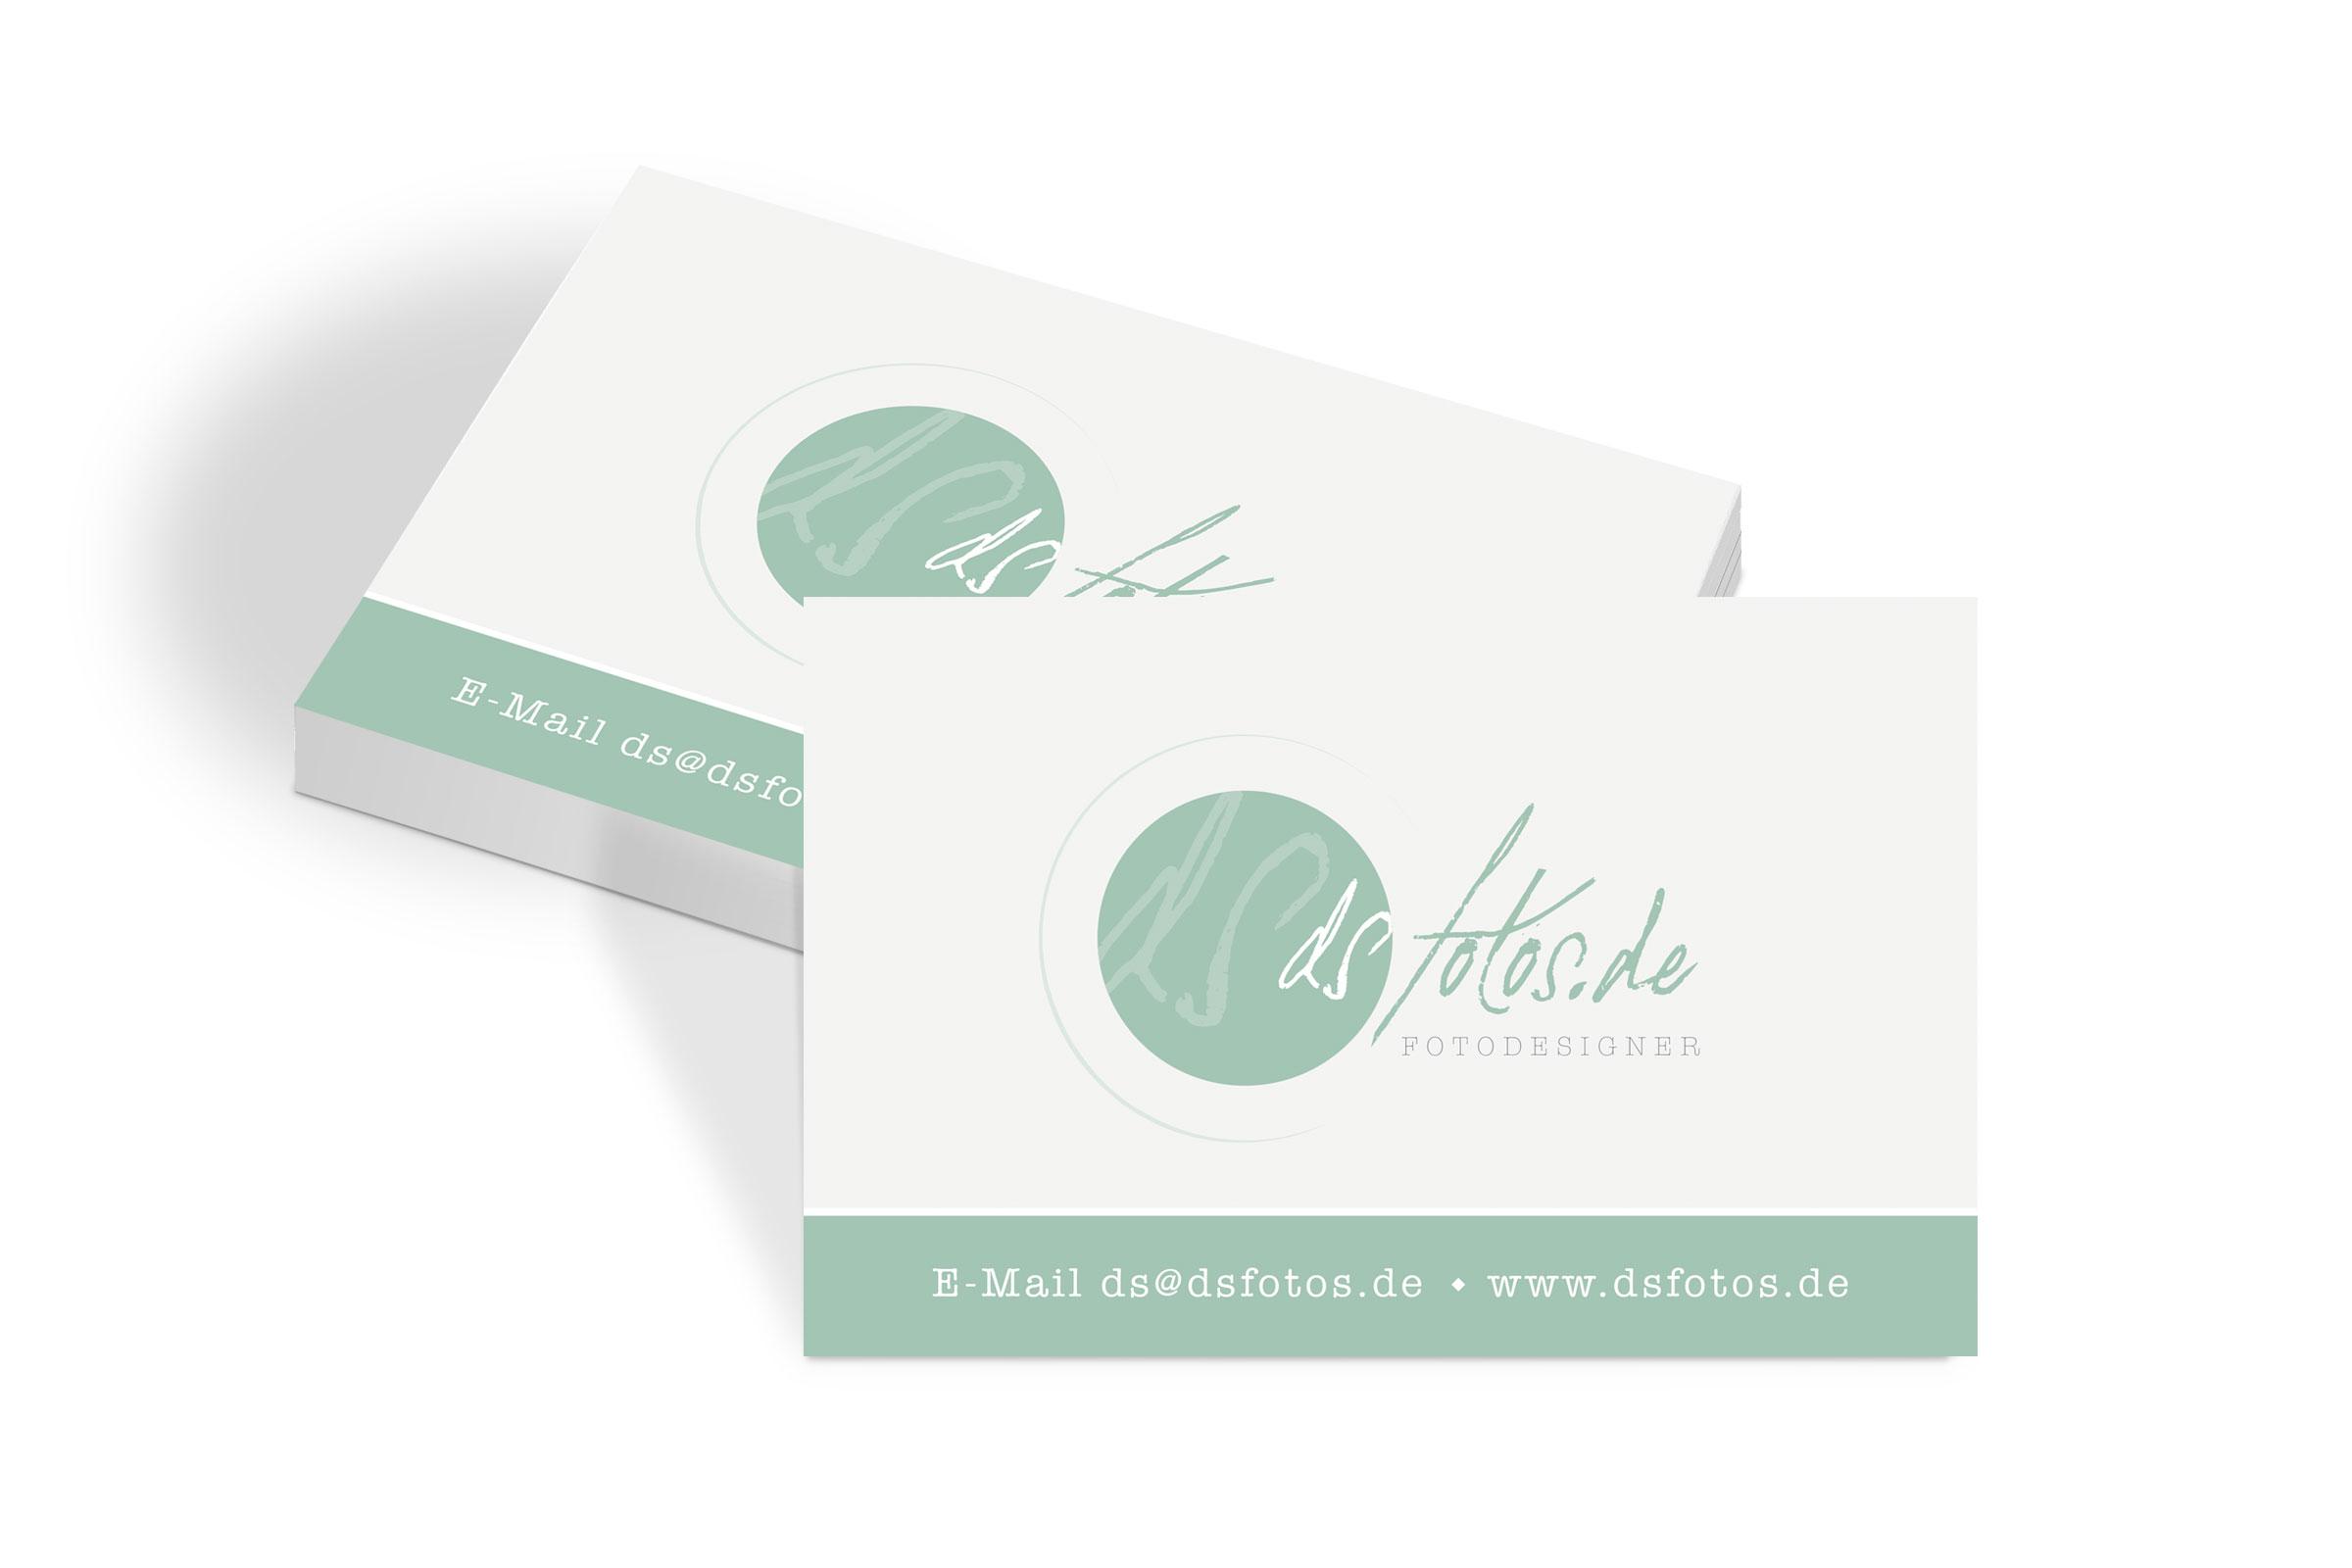 Visitenkarten für dsfotos.de by WIWA Design